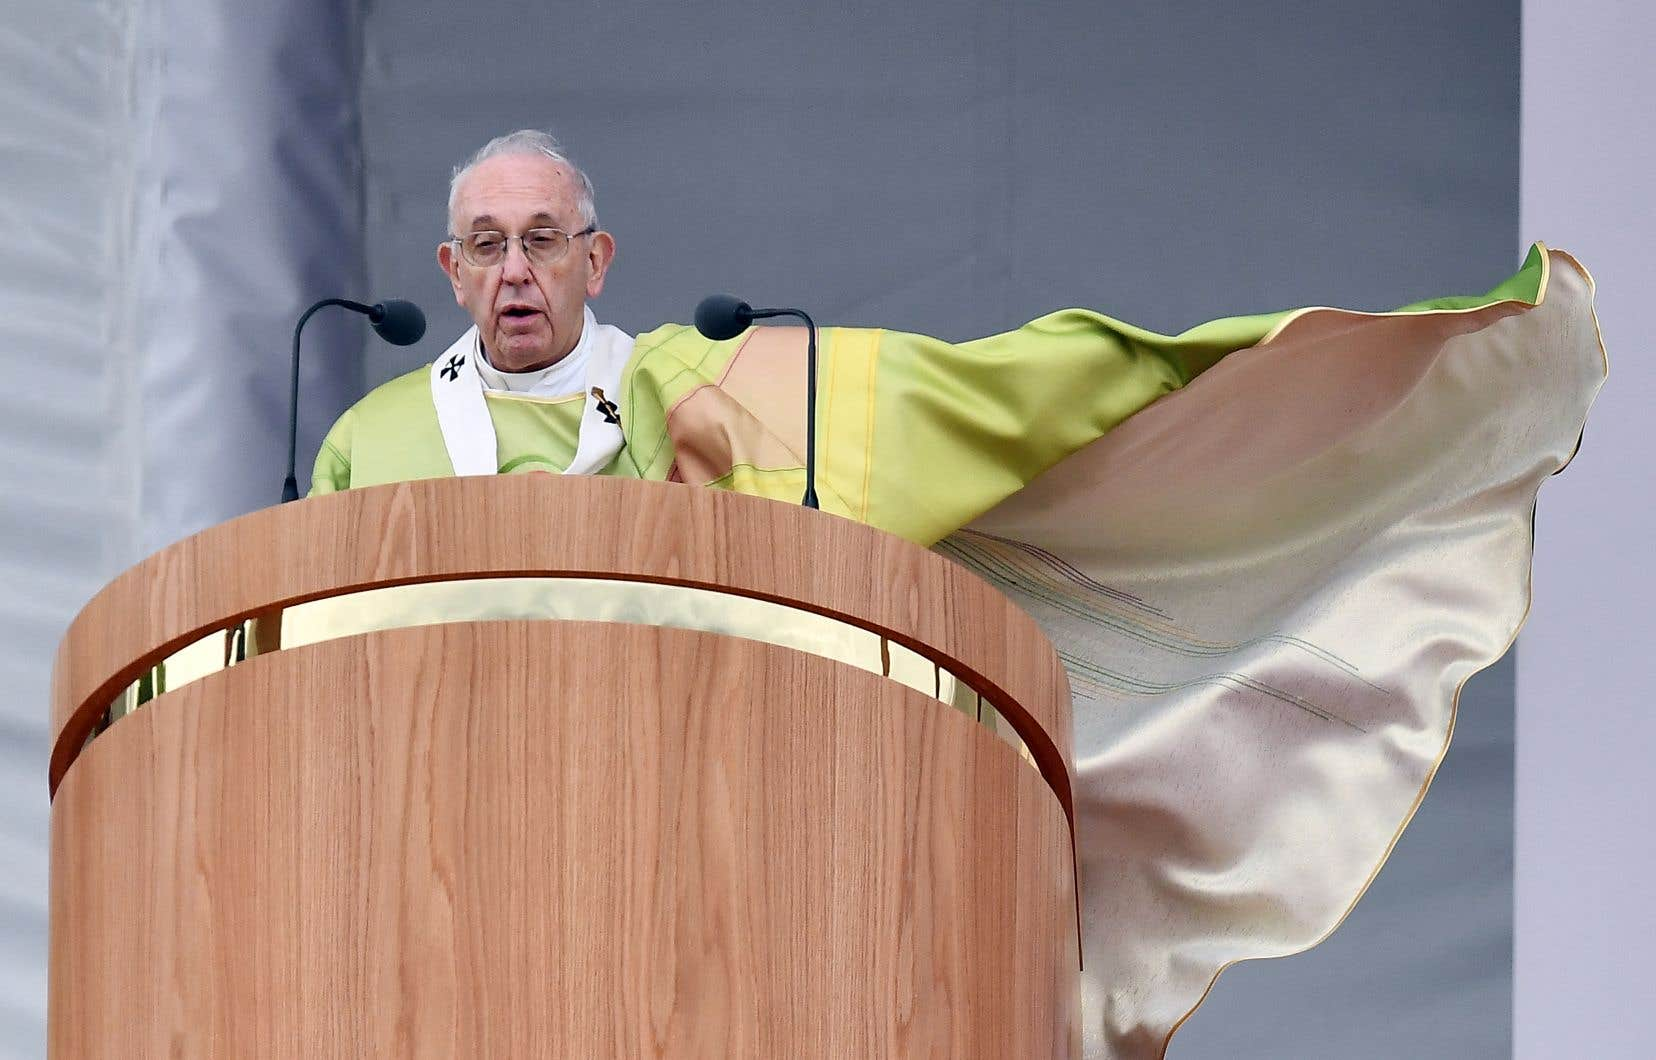 Le pape François durant la messe de dimanche, à Dublin, lors de sa visite en Irlande pour participer à la Rencontre mondiale des familles